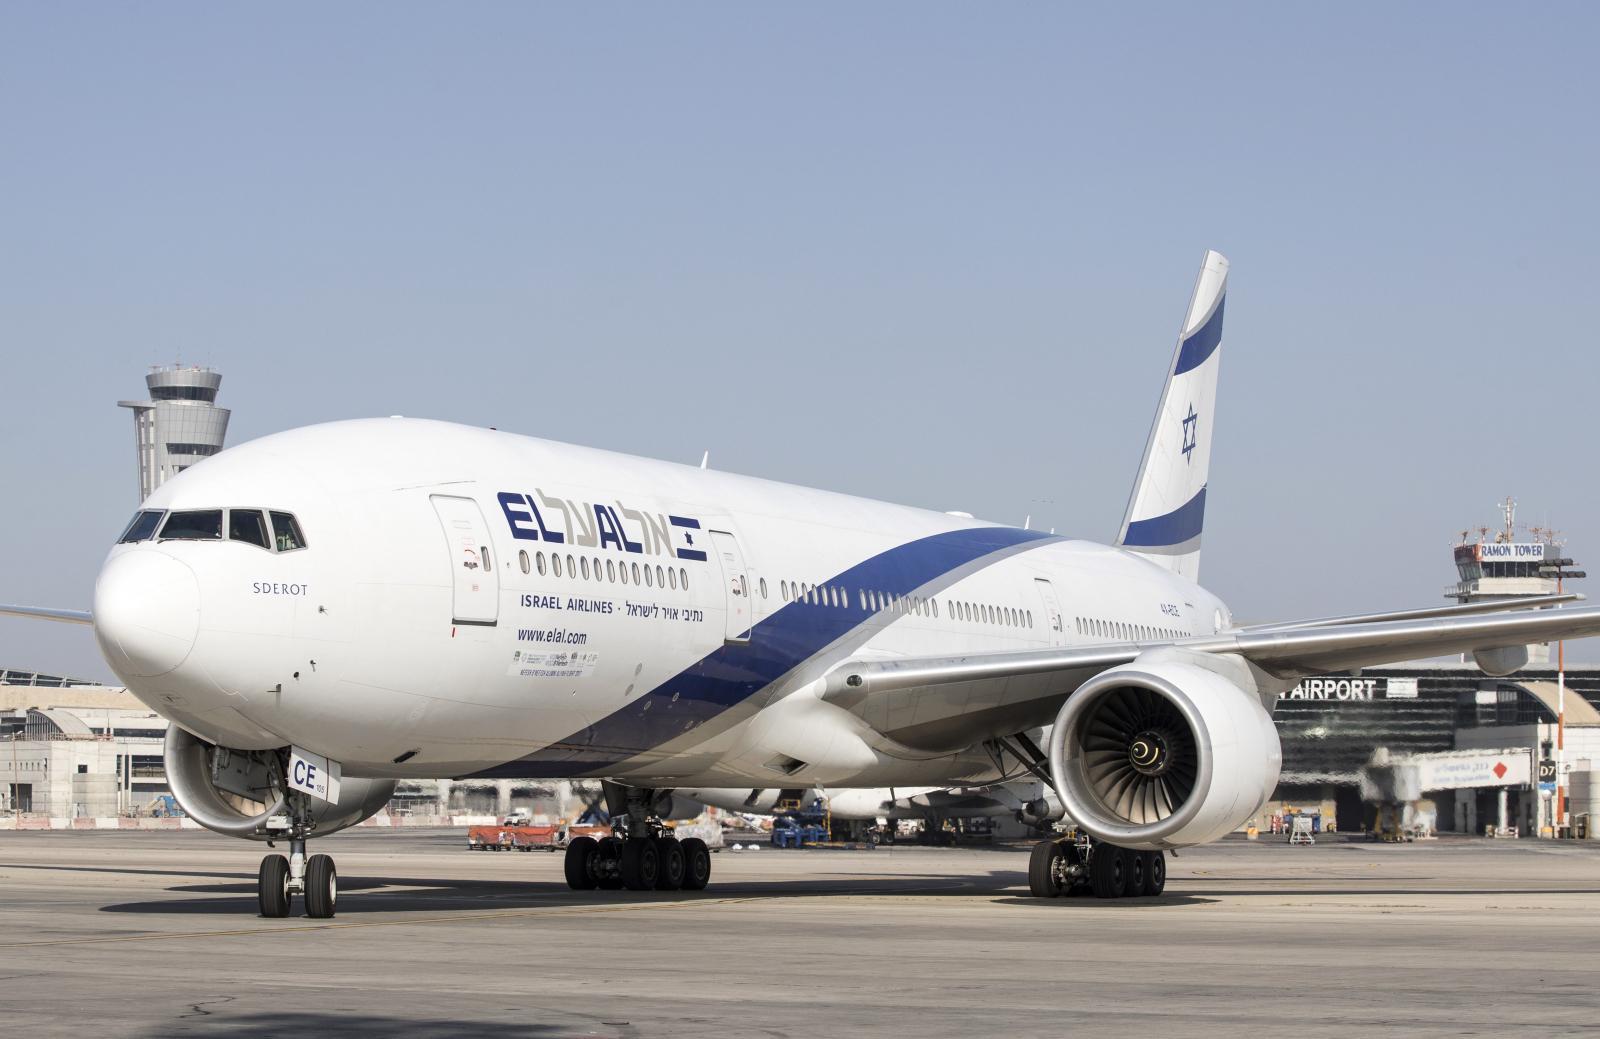 El Al Boeing 777 - 200 Israel